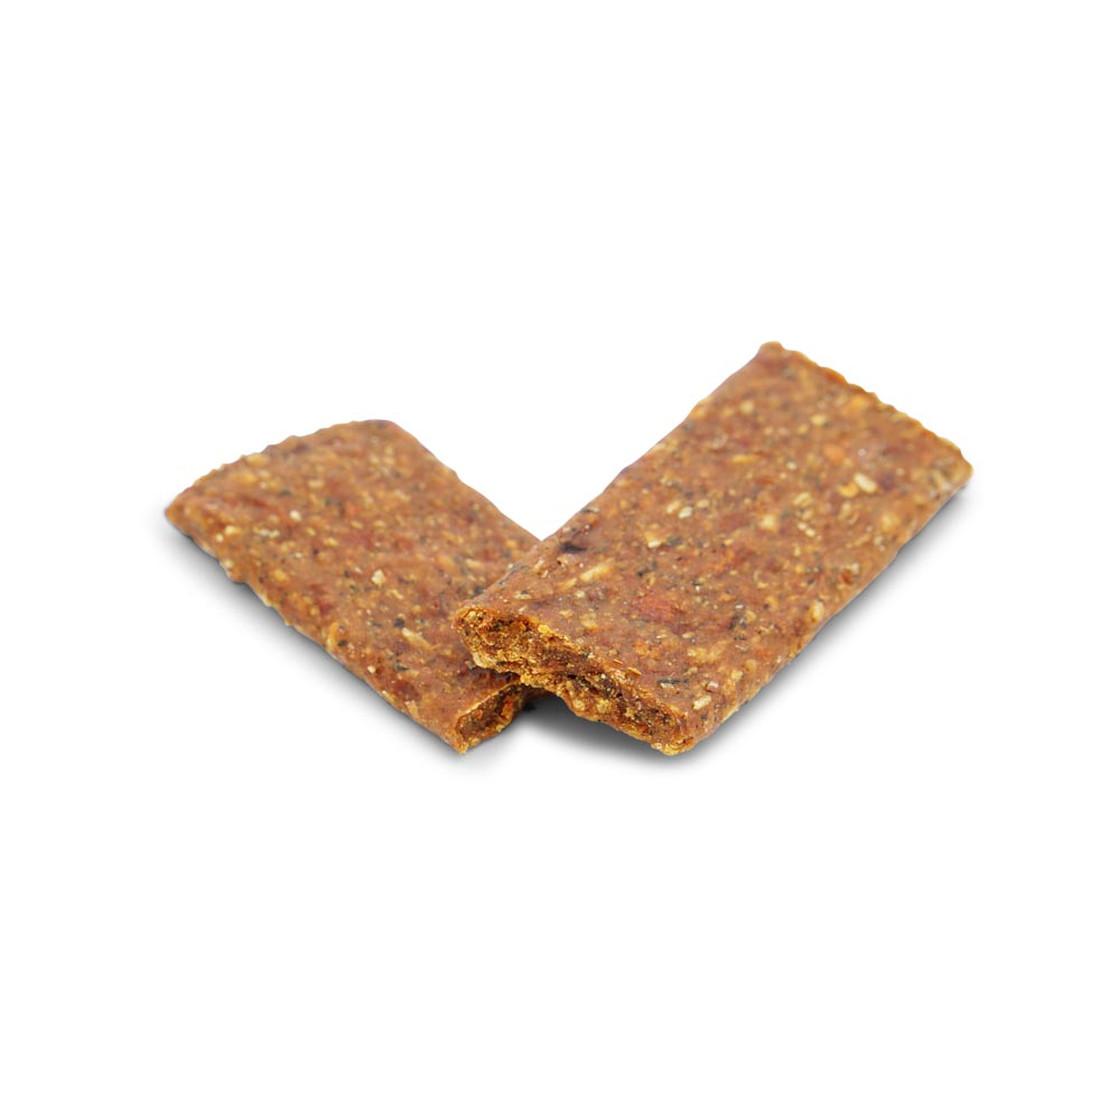 クナバー ツァイト BIOベジスナック 犬用(Knabber Zeit - Bio-Veggie Snack)